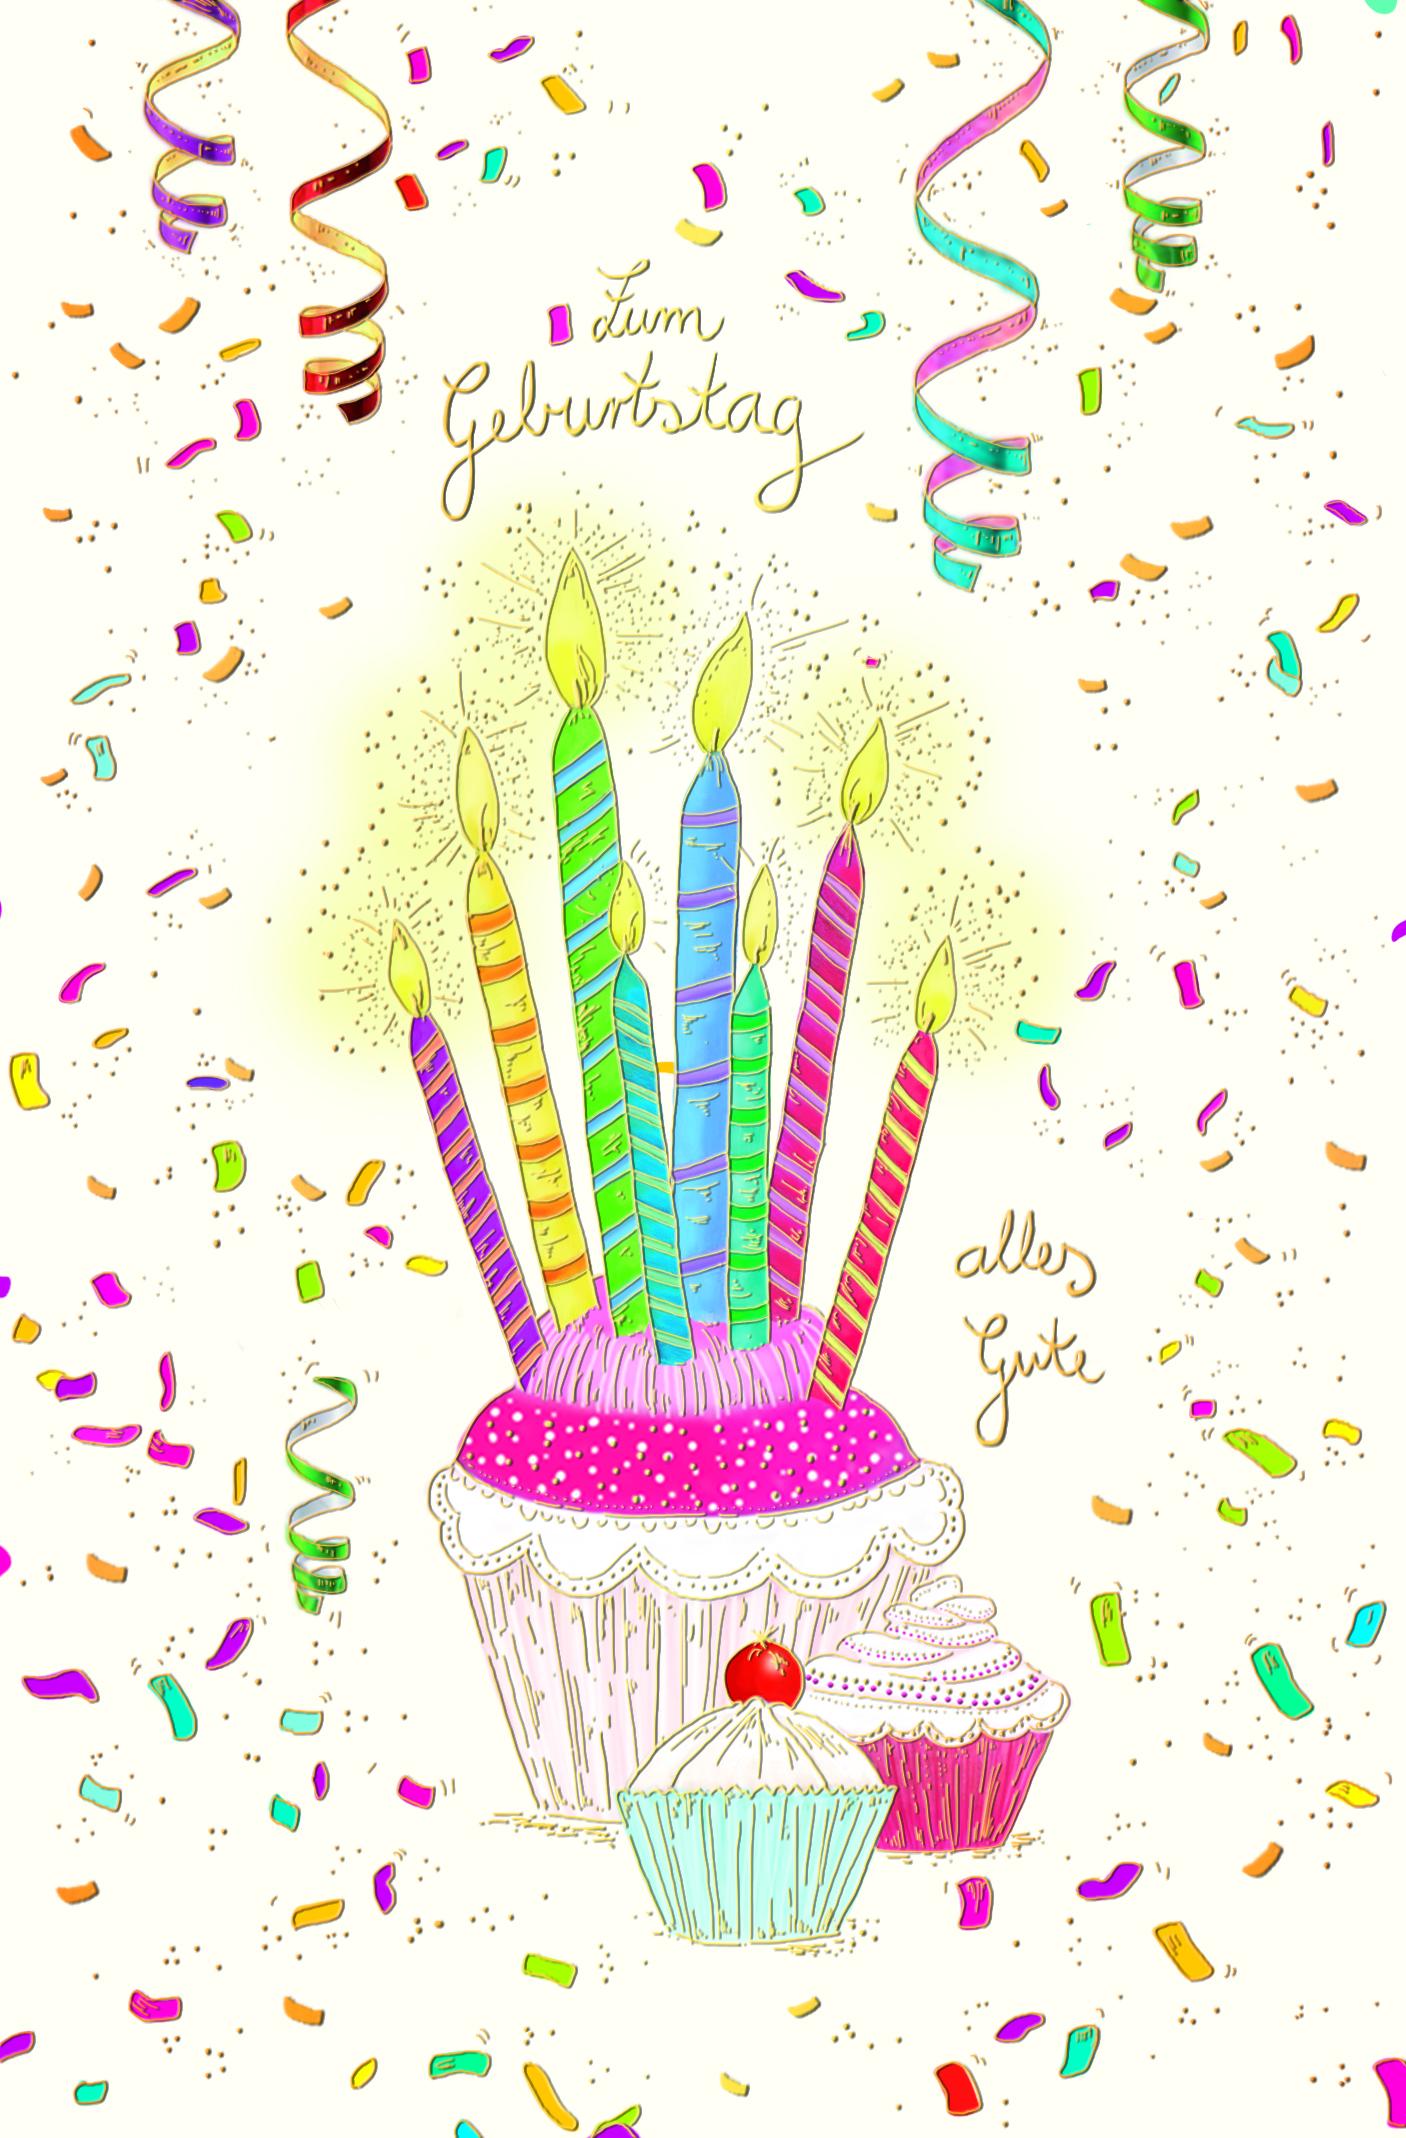 Zum Geburtstag alles Gute